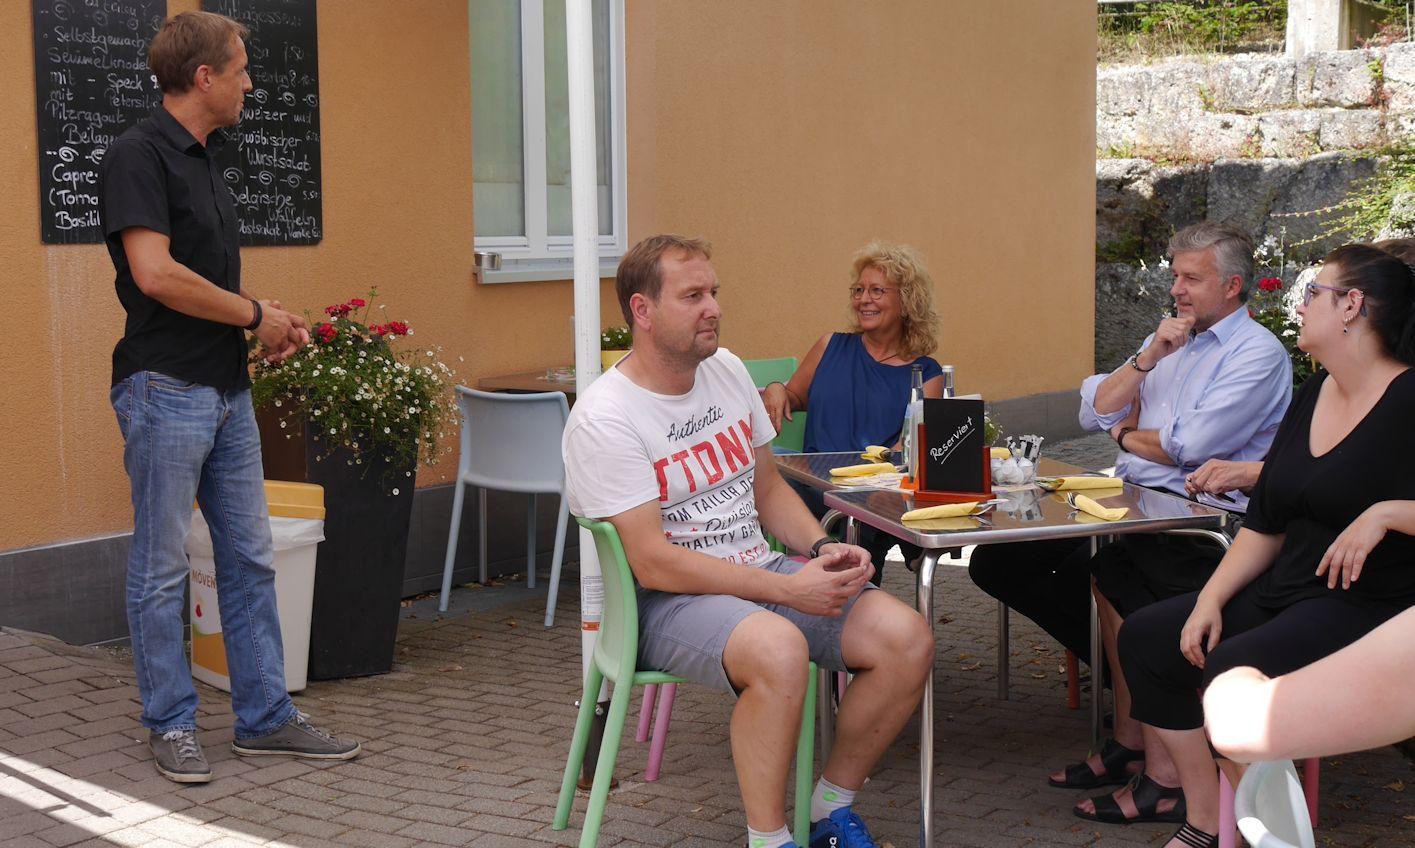 18-07-26_BruderhausDiakonie